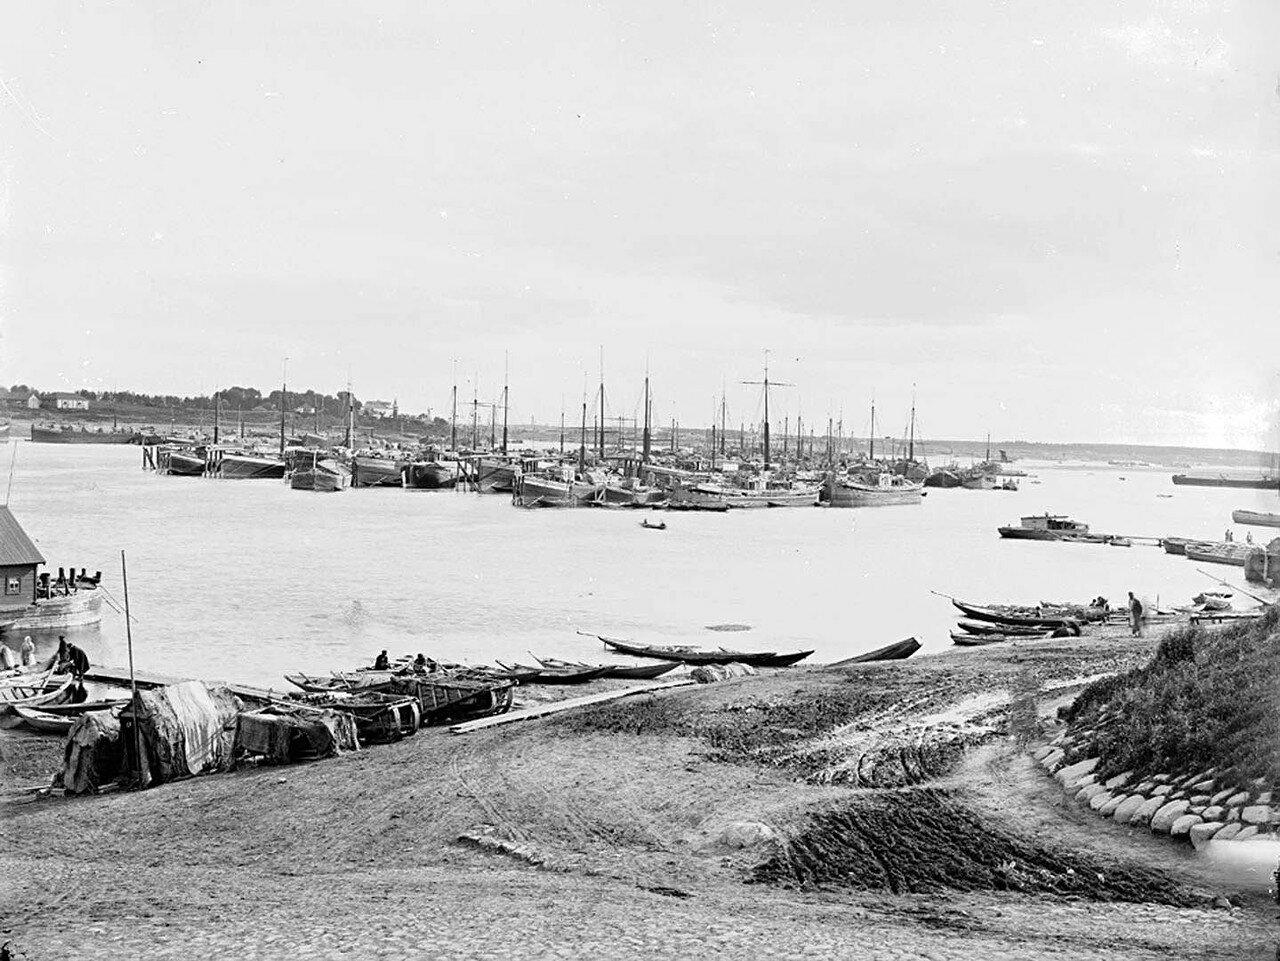 Караван судов на Волге близ Рыбинска (на заднем плане видно село Васильевское и село Петровское),1894